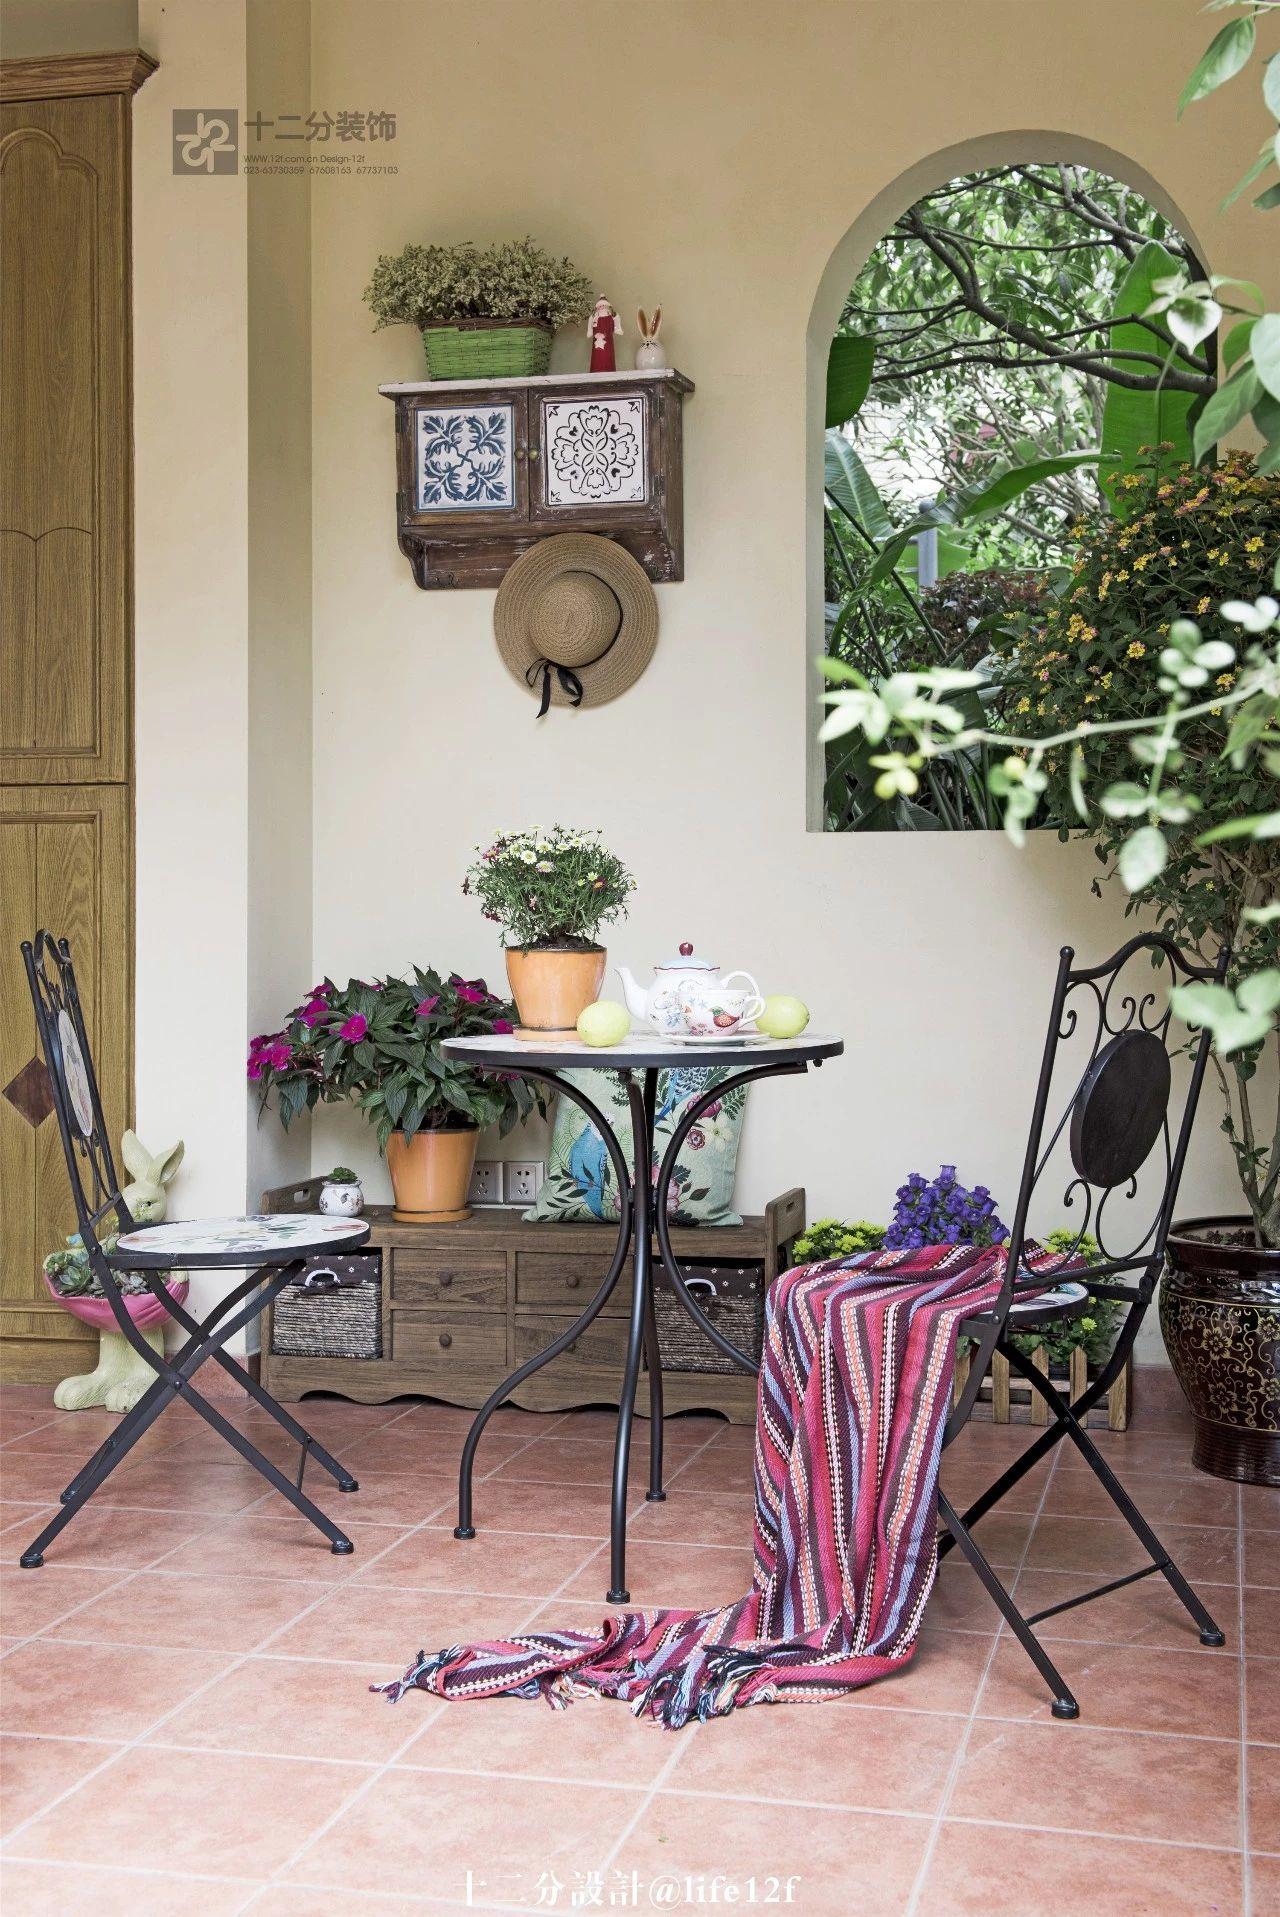 法式乡村风格别墅入户花园装修效果图